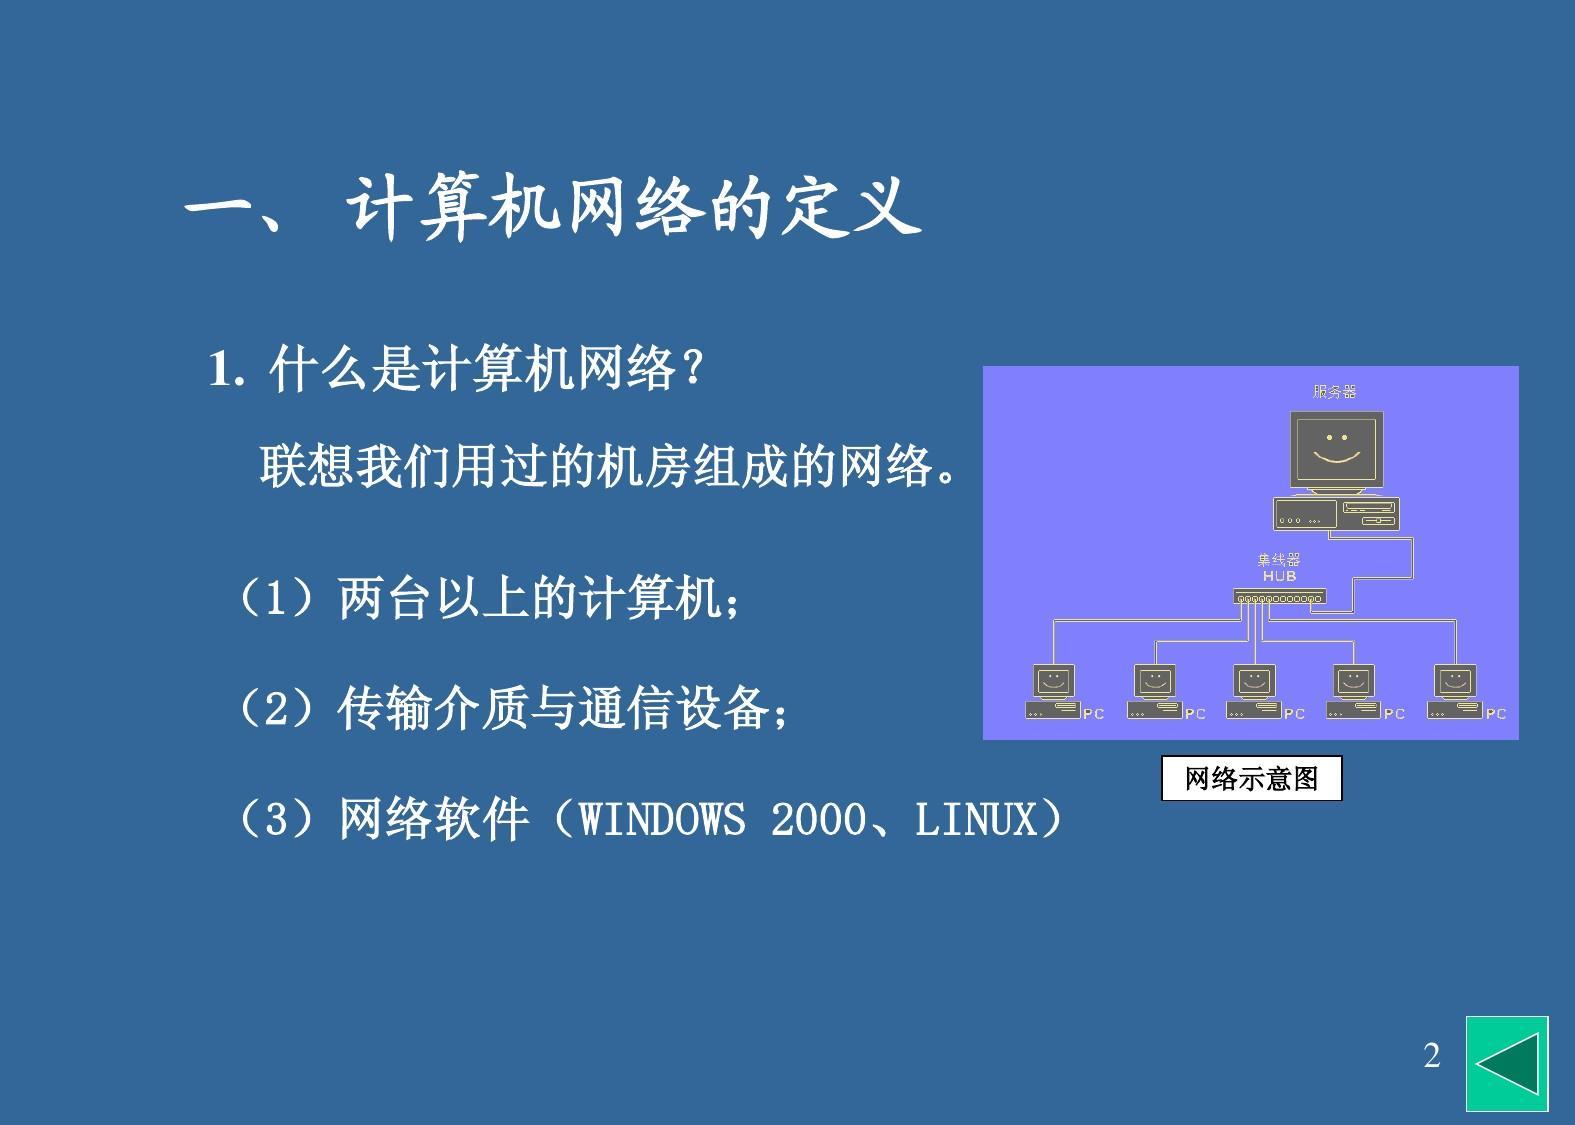 课件语文信息计算机网络基础知识ppt四下技术s版集体备课图片